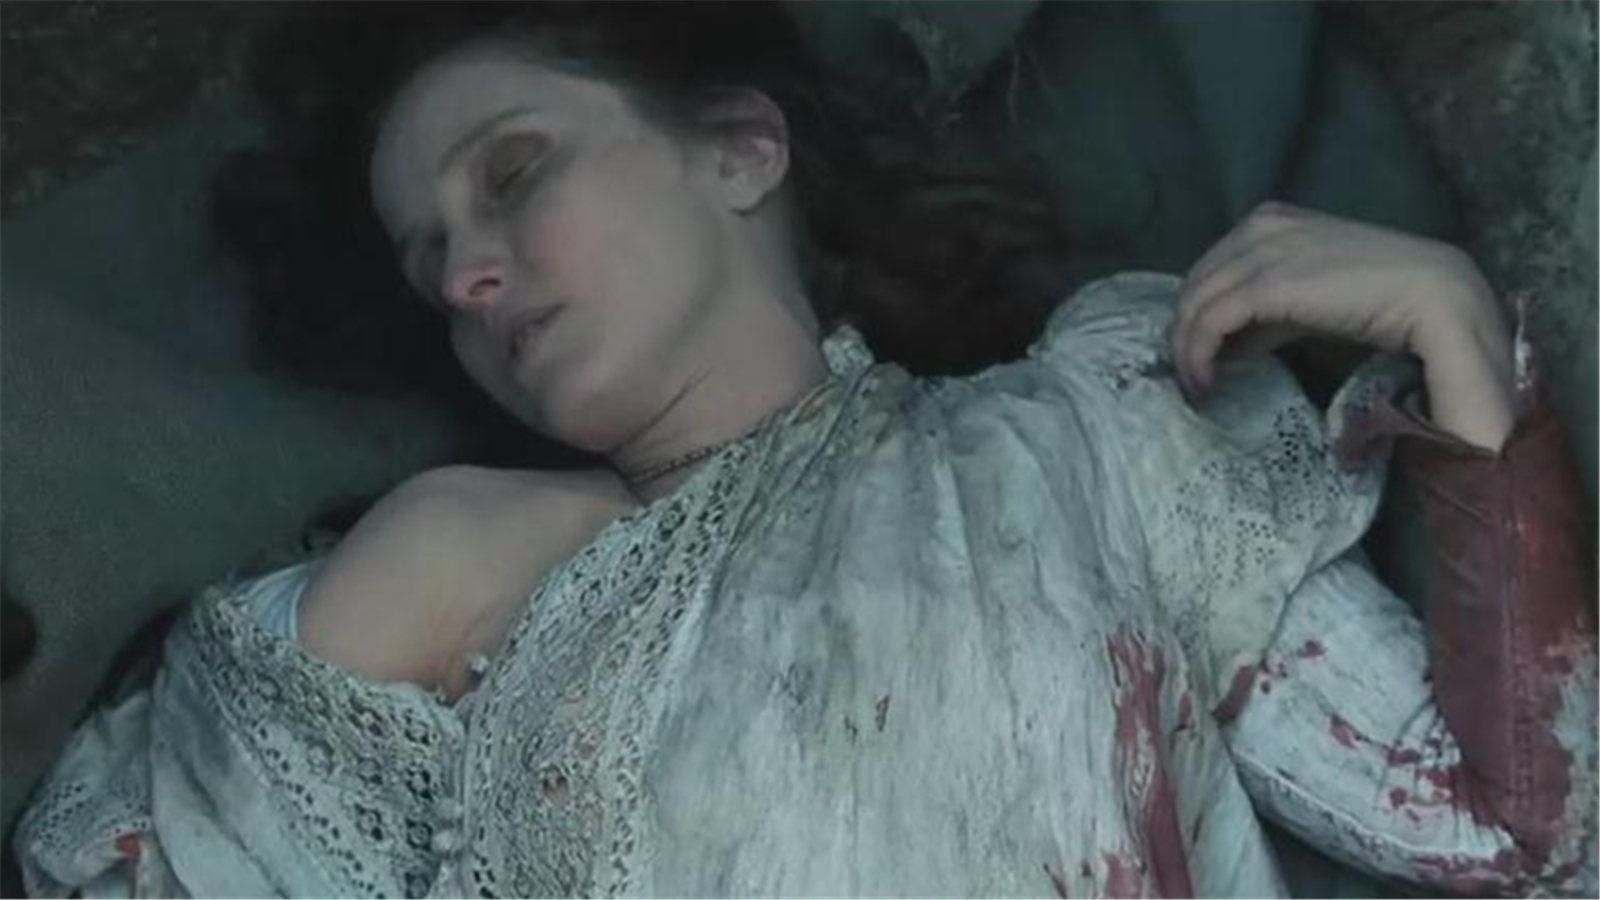 #经典看电影#女伯爵为保住青春,杀害了数百名少女,城堡内血流成河